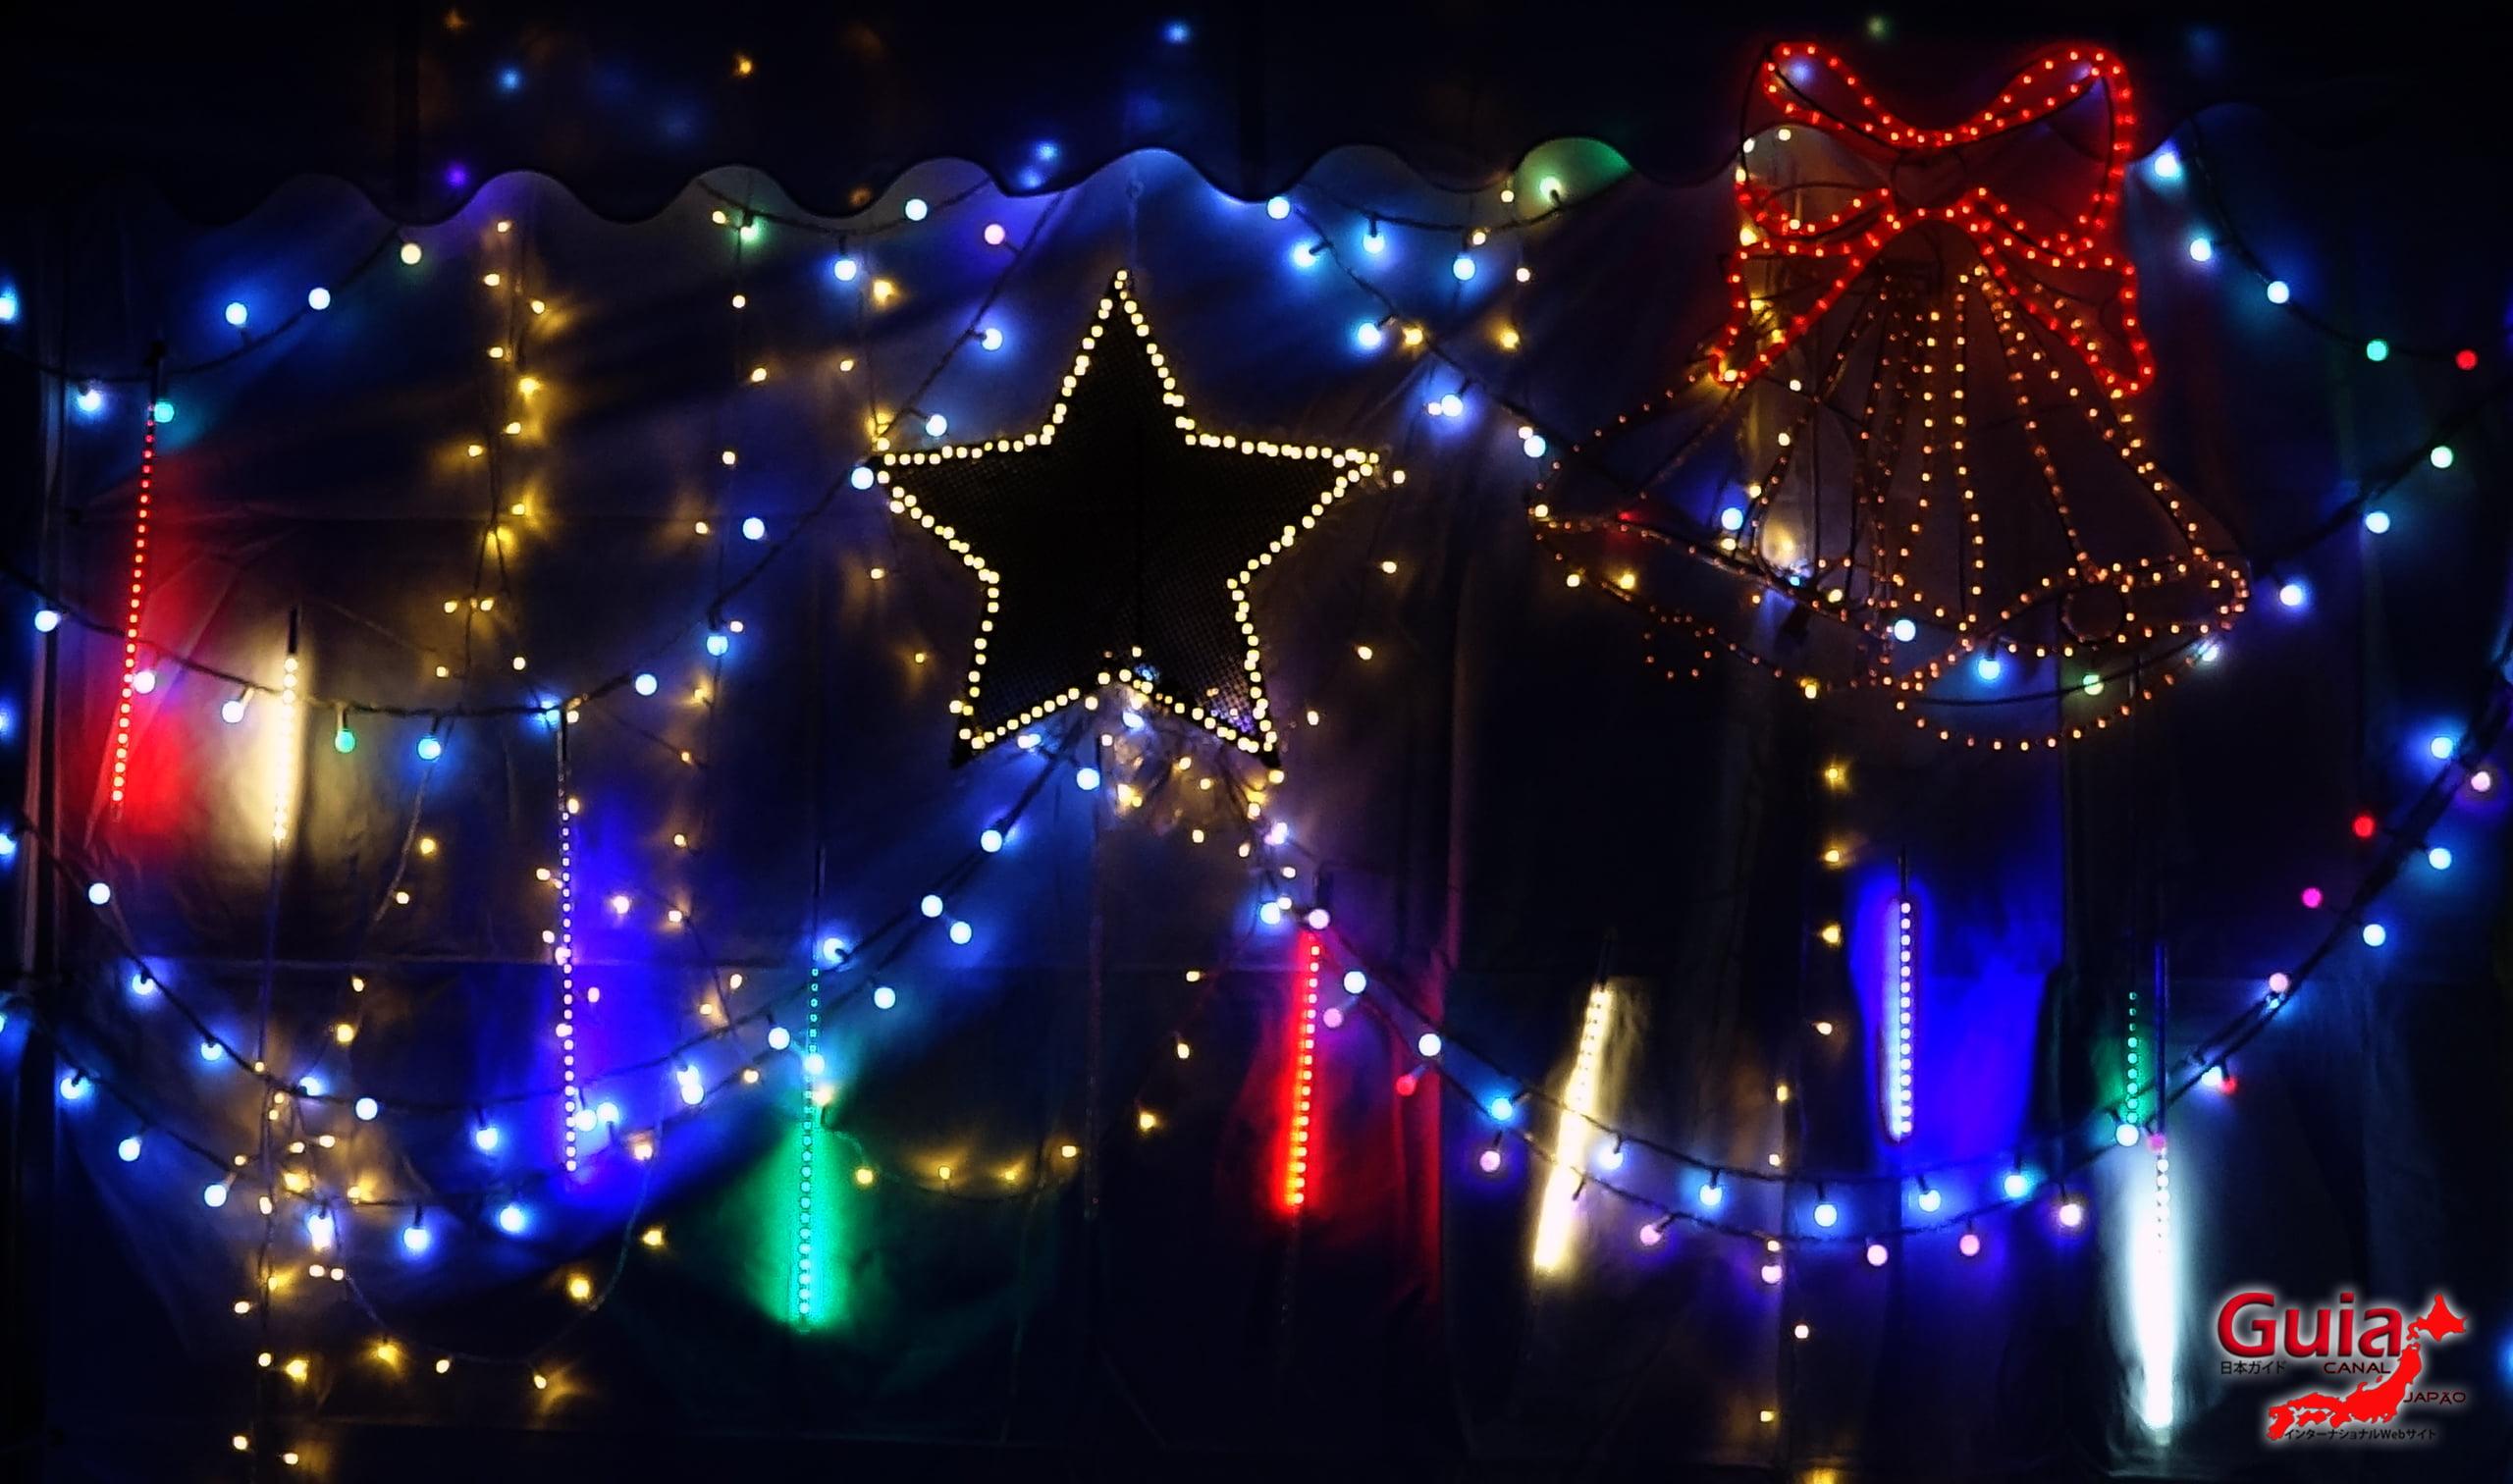 Chiryu - Зул сарын баярын гэрэлтүүлэг 2